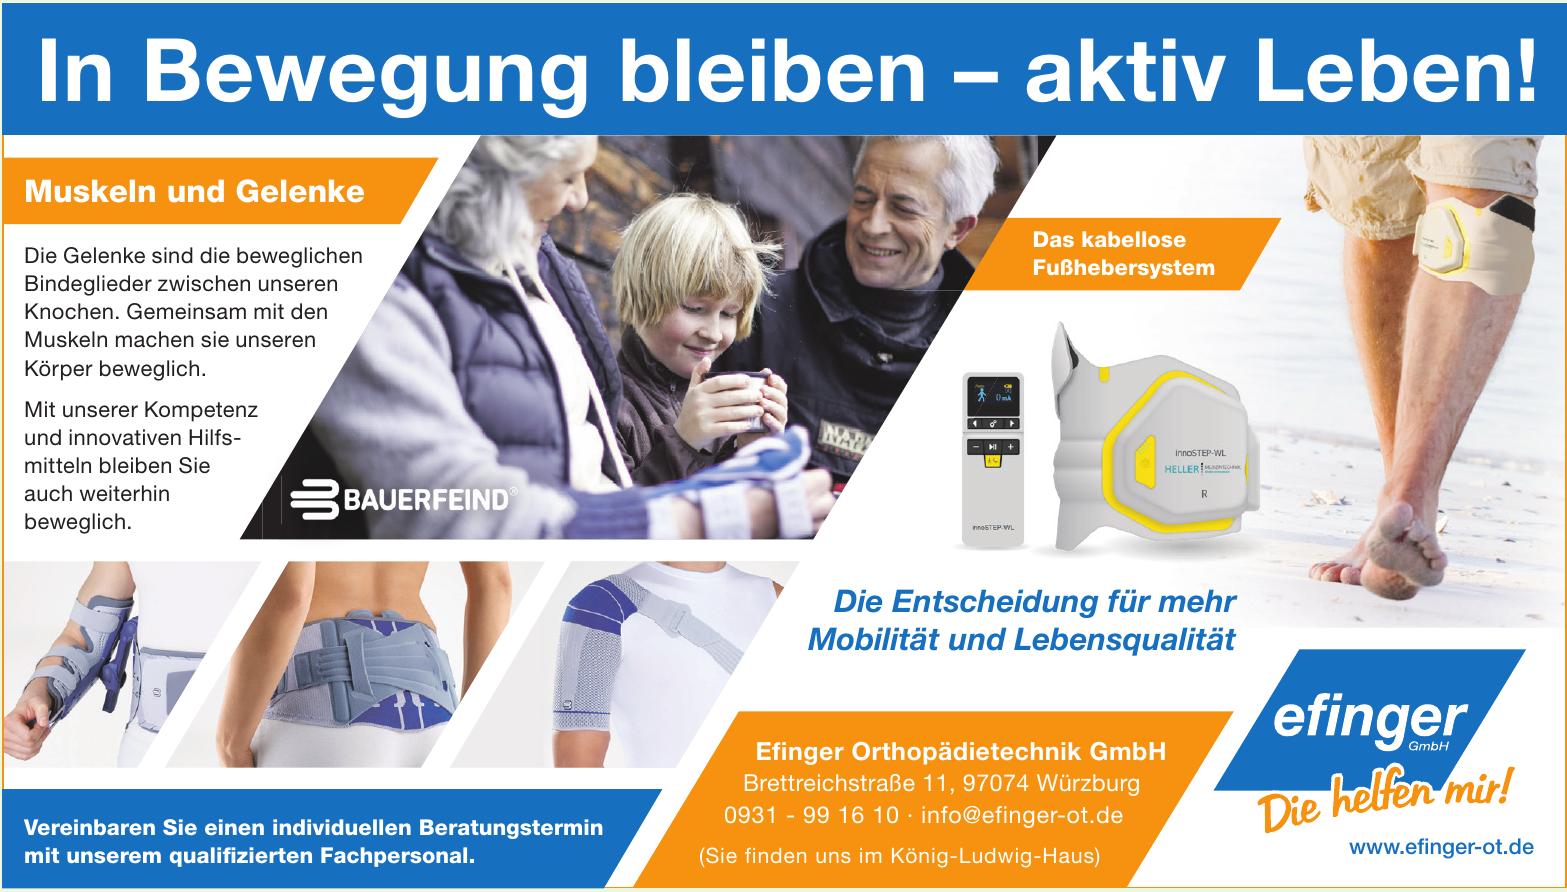 Efinger Orthopädietechnik GmbH